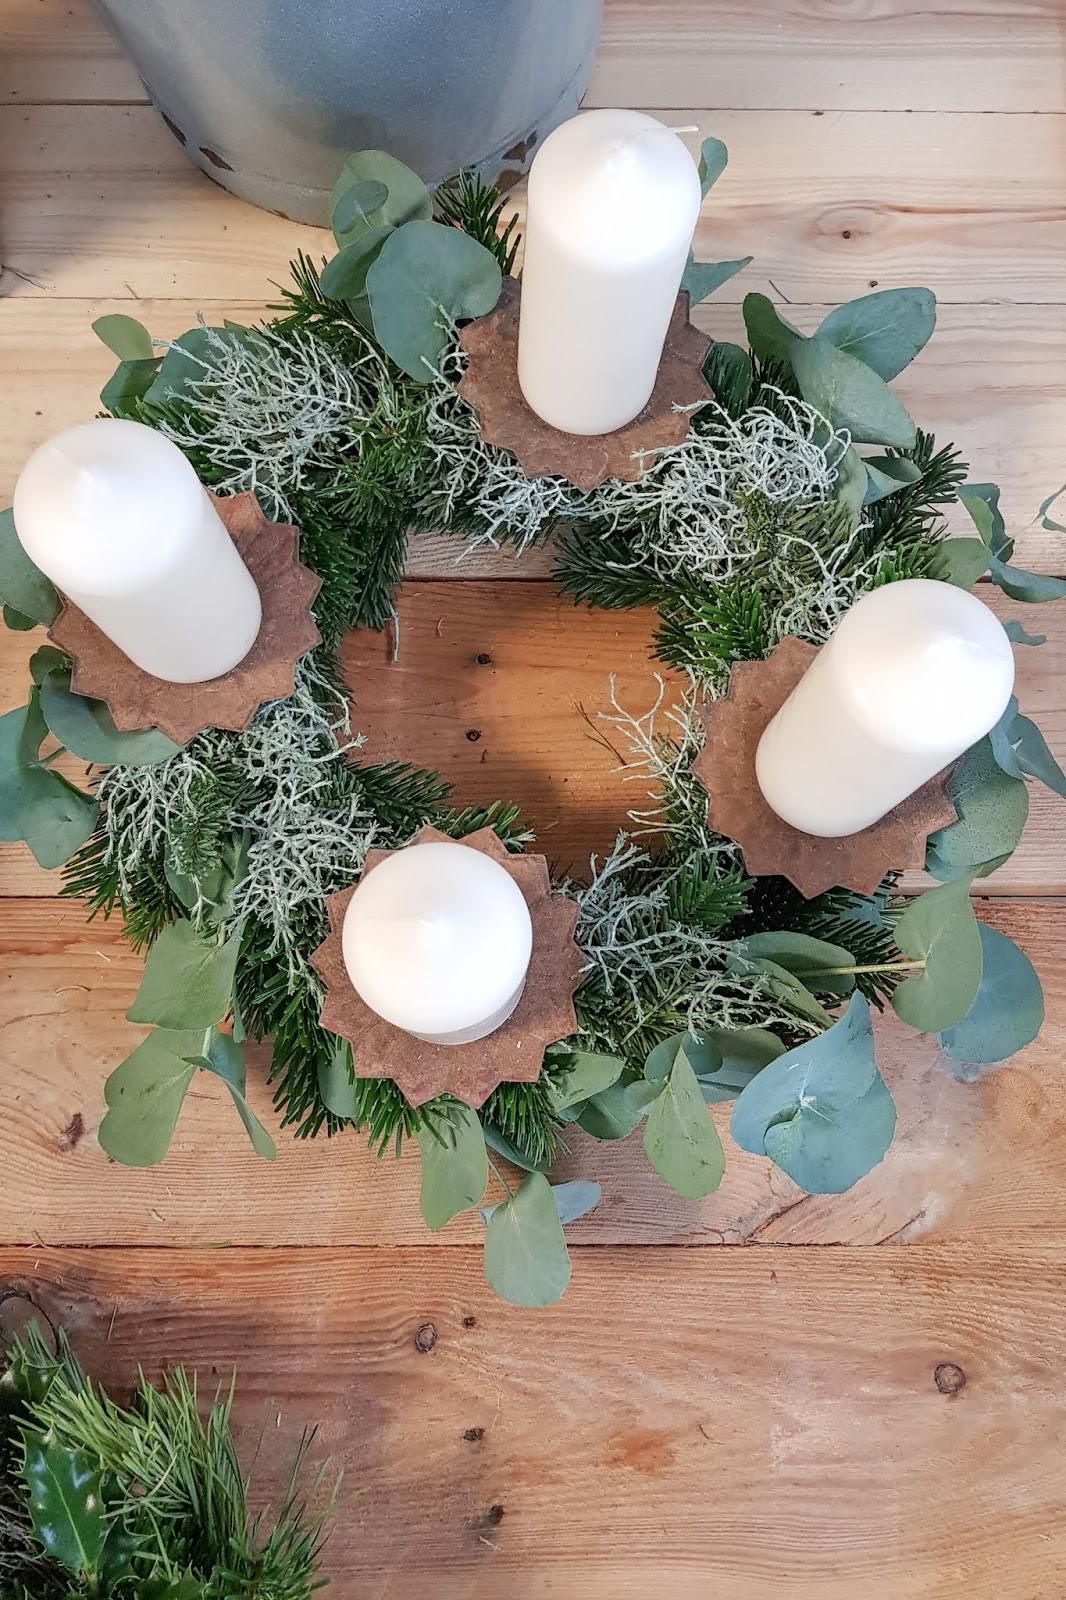 DIY Adventskranz Ideen selber machen Advent Kranz Kränze natürlich dekorieren für Weihnachten Eukalyptus